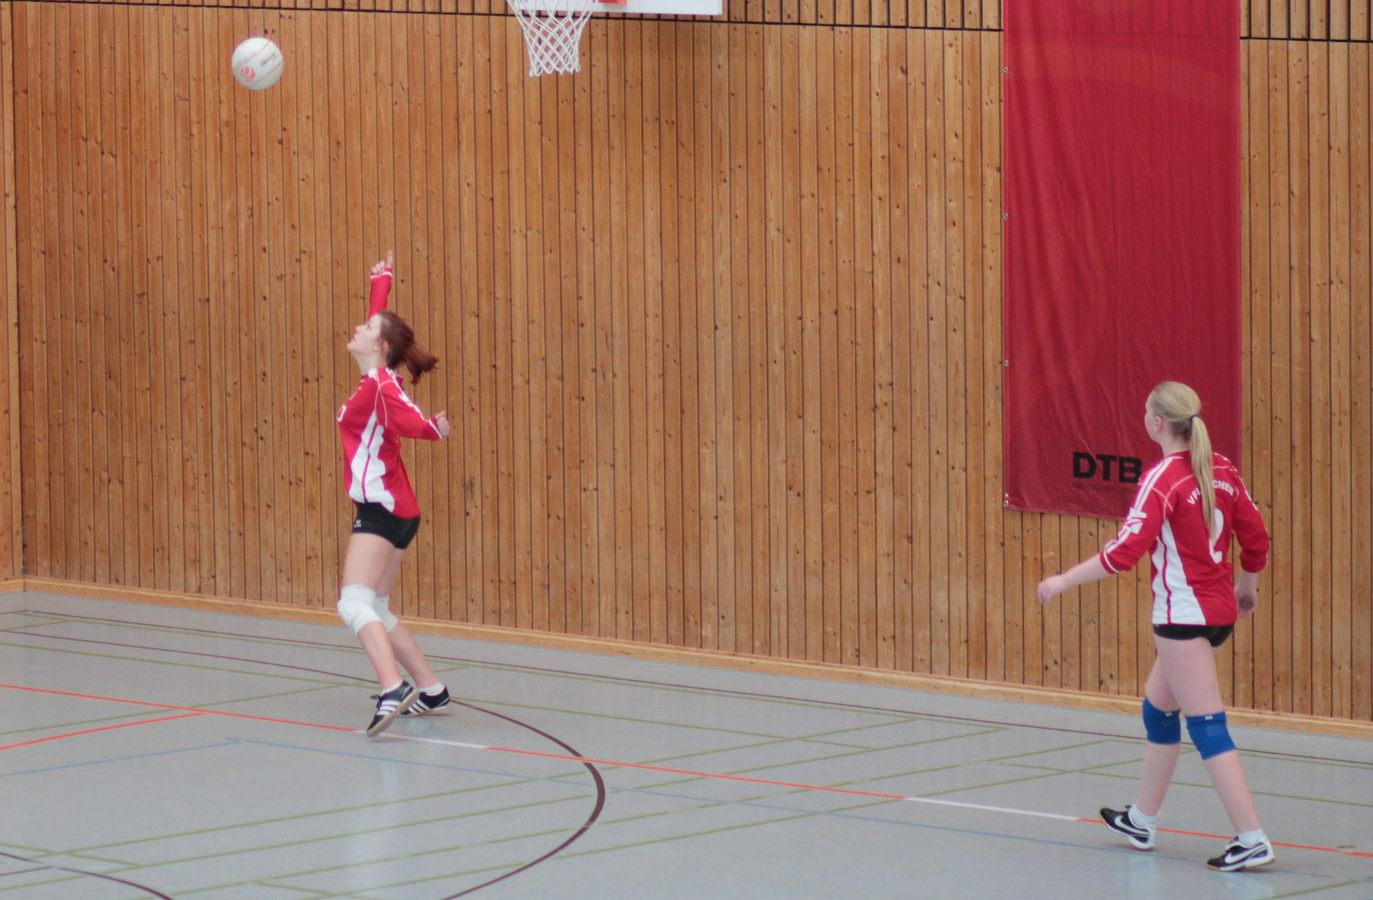 Die VfL Abwehrspielerin rettet hier einen Ball, bevor er die Wand berührt